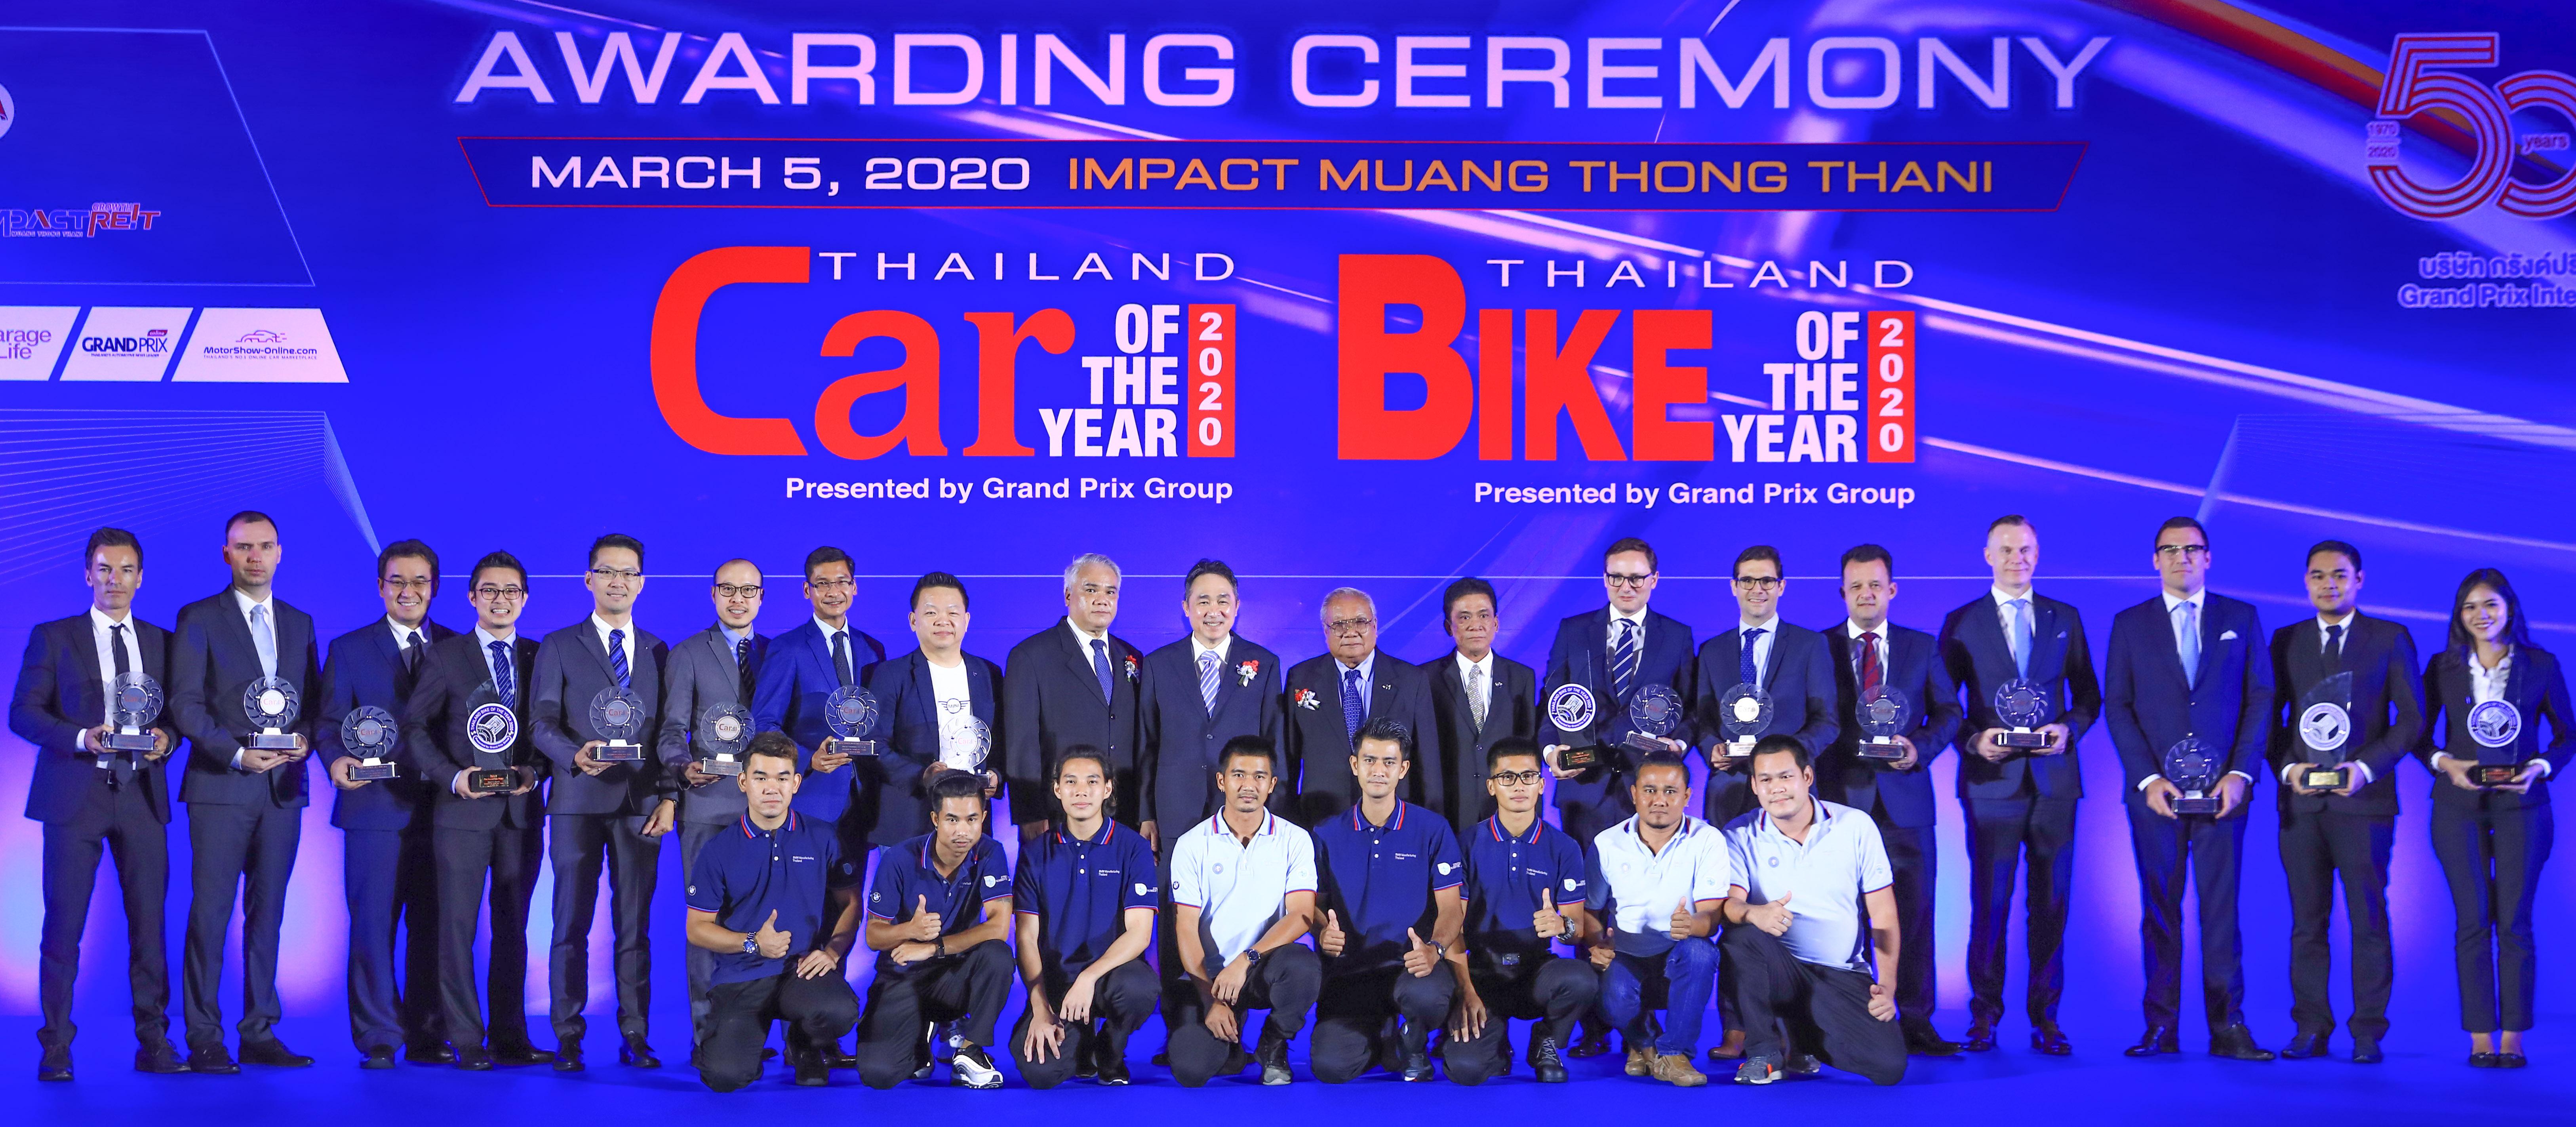 บีเอ็มดับเบิลยู กรุ๊ป ประเทศไทย คว้า 16 รางวัลจากงาน Car & Bike of the Year 2020 สร้างสถิติสูงสุดอีกหนึ่งสมัยหลังจากปี 2561